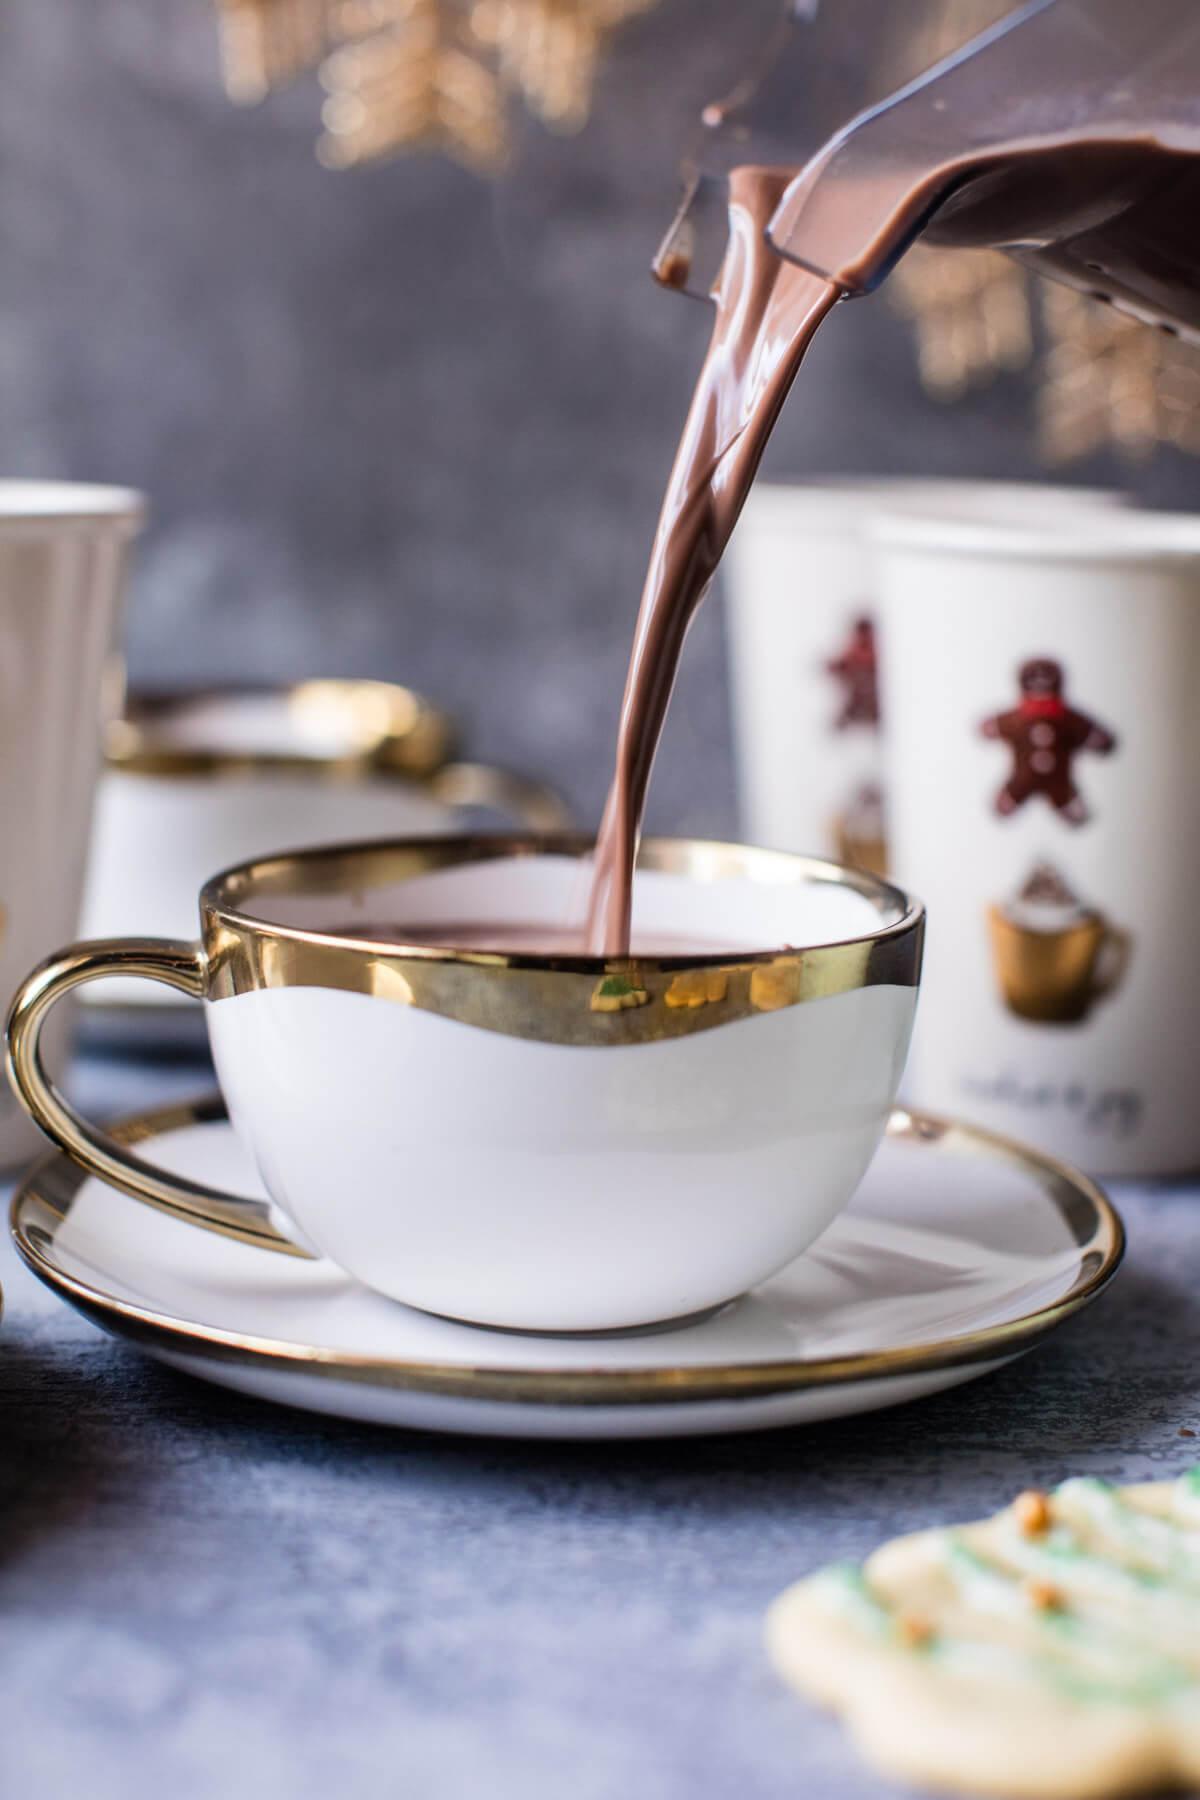 Recipe: Sugar Cookie Hot Chocolate